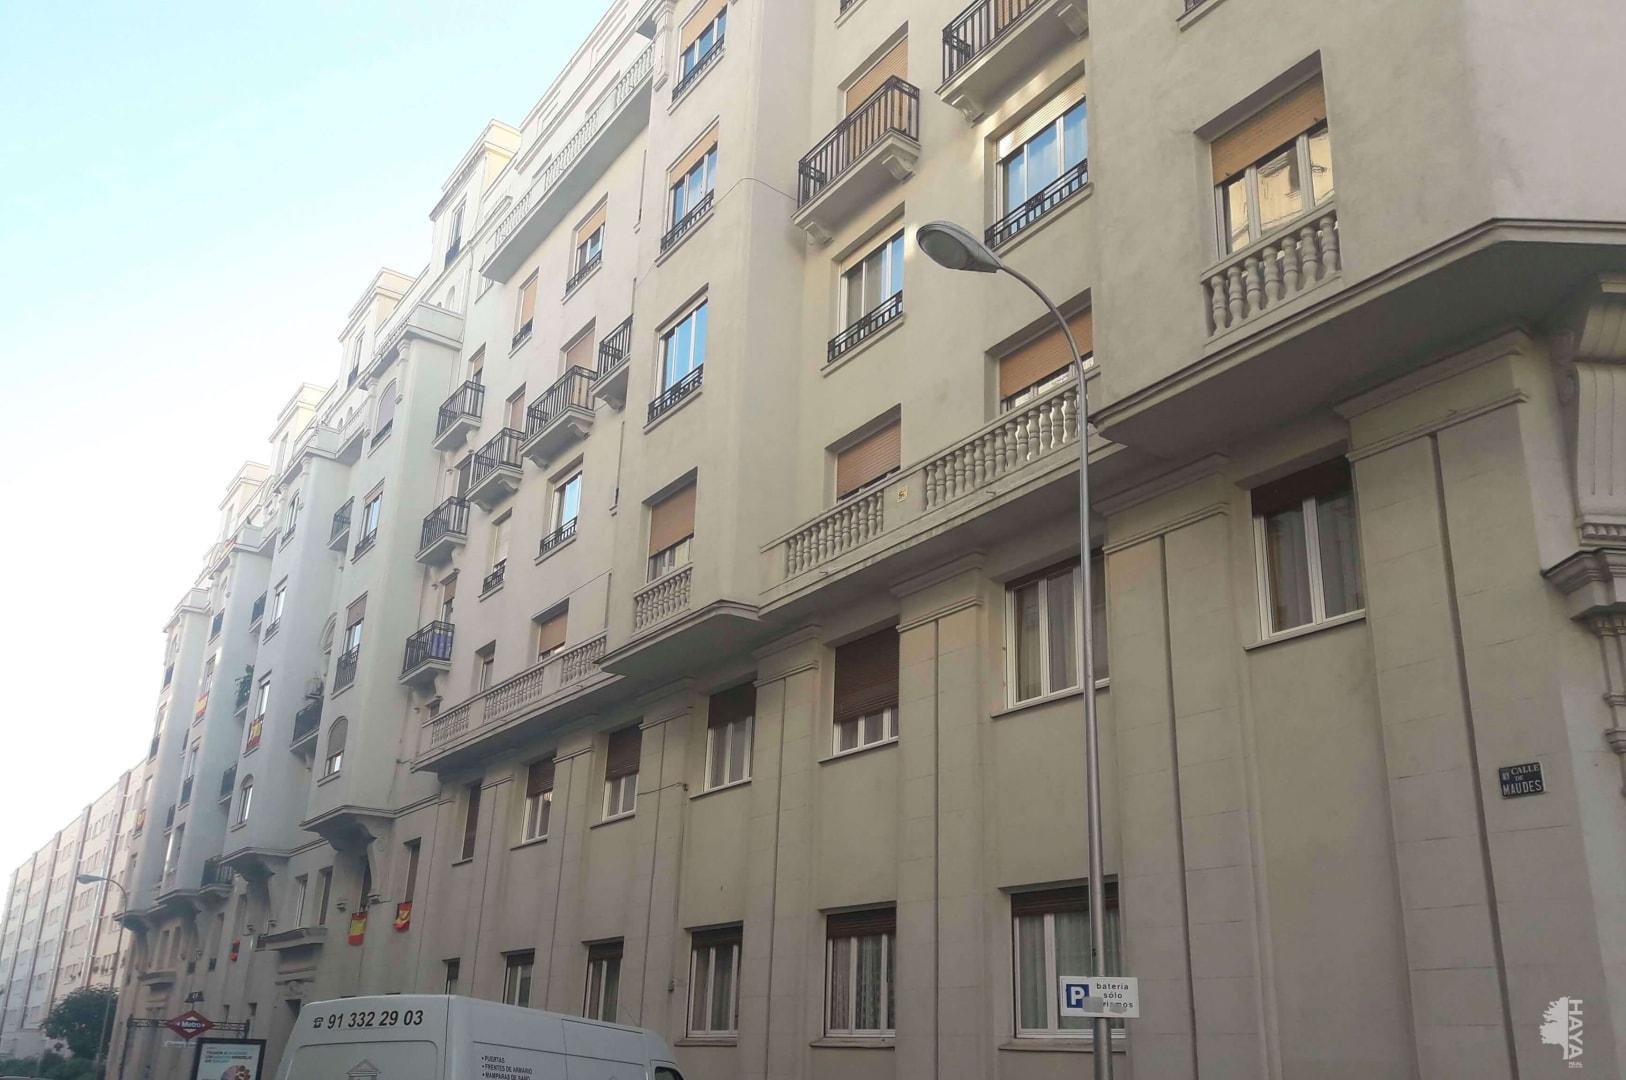 Piso en venta en Chamberí, Madrid, Madrid, Calle Maudes, 377.608 €, 2 habitaciones, 1 baño, 88 m2